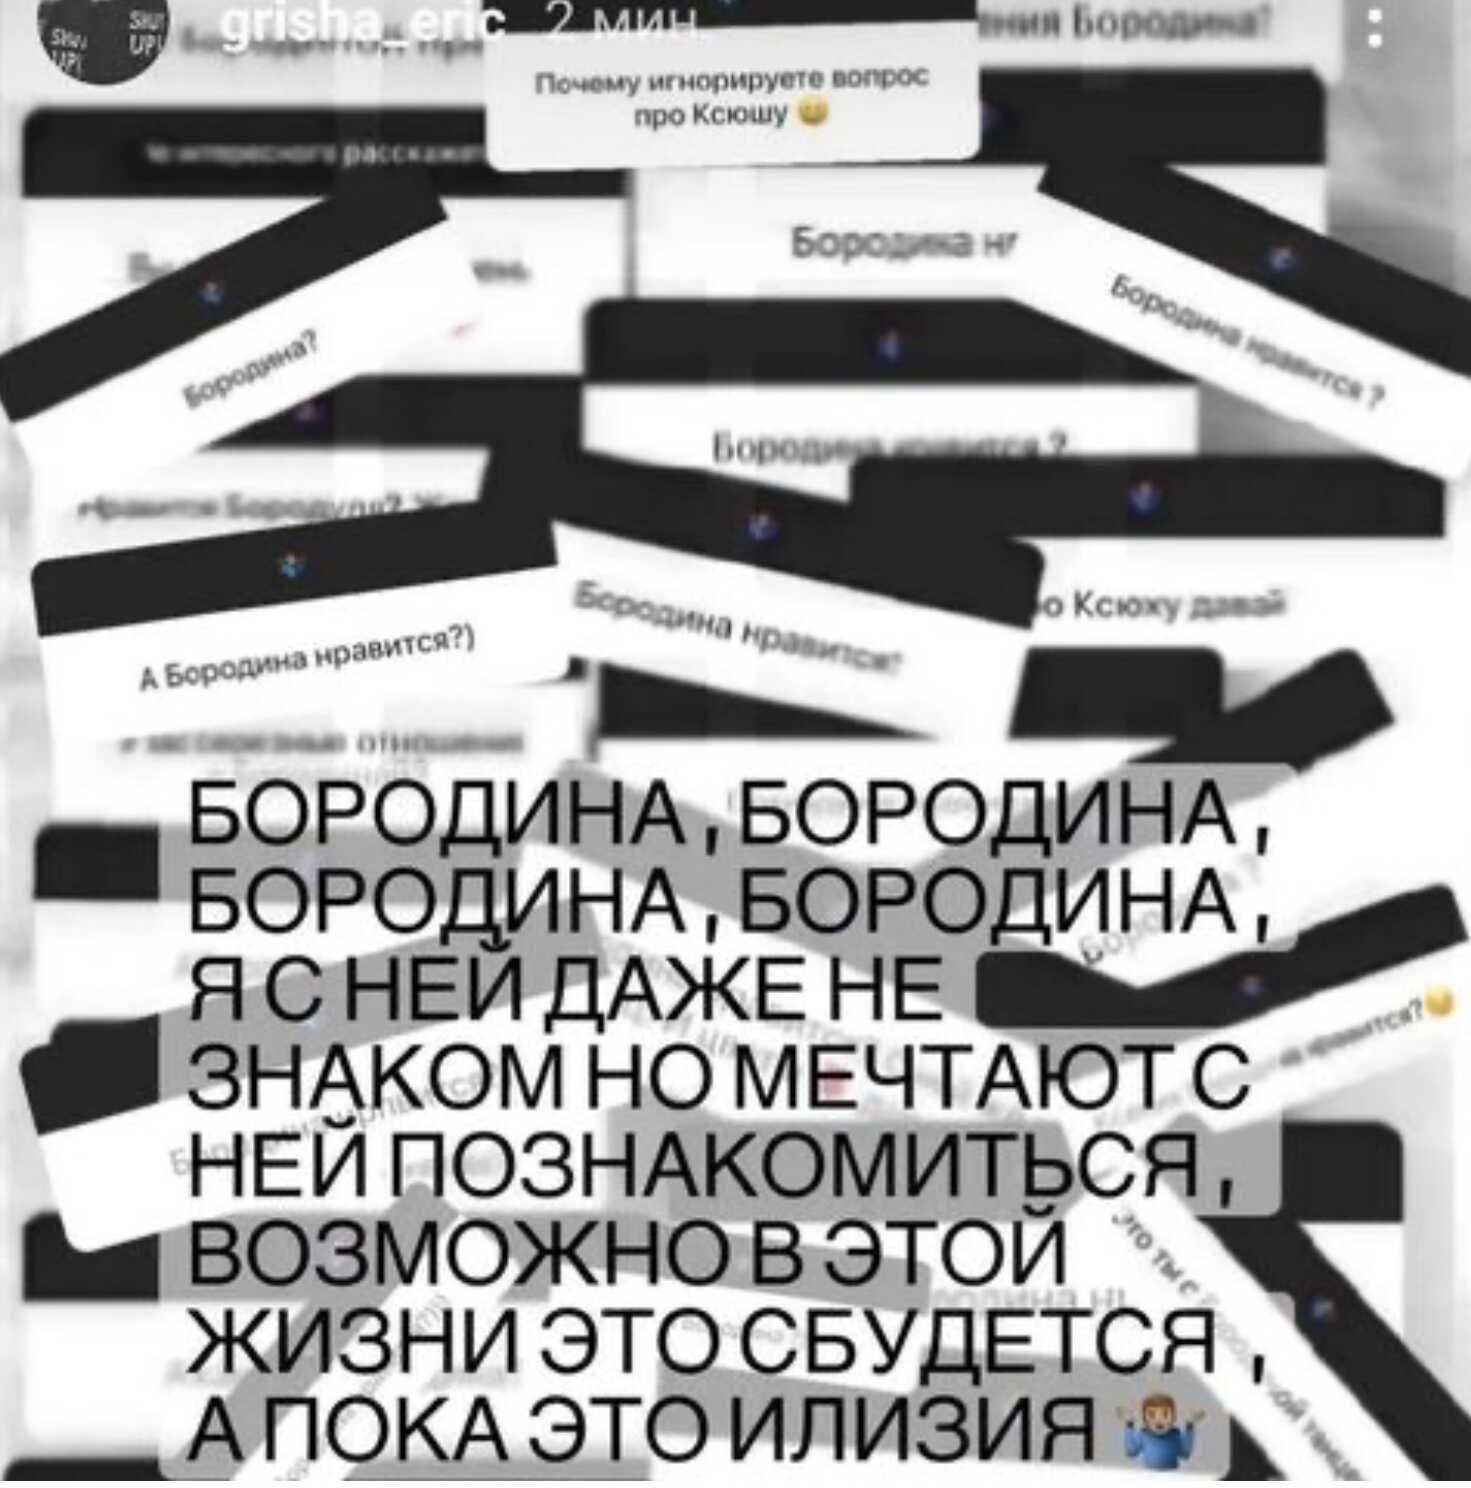 Предполагаемый бойфренд Ксении Бородиной впервые высказался об их отношениях